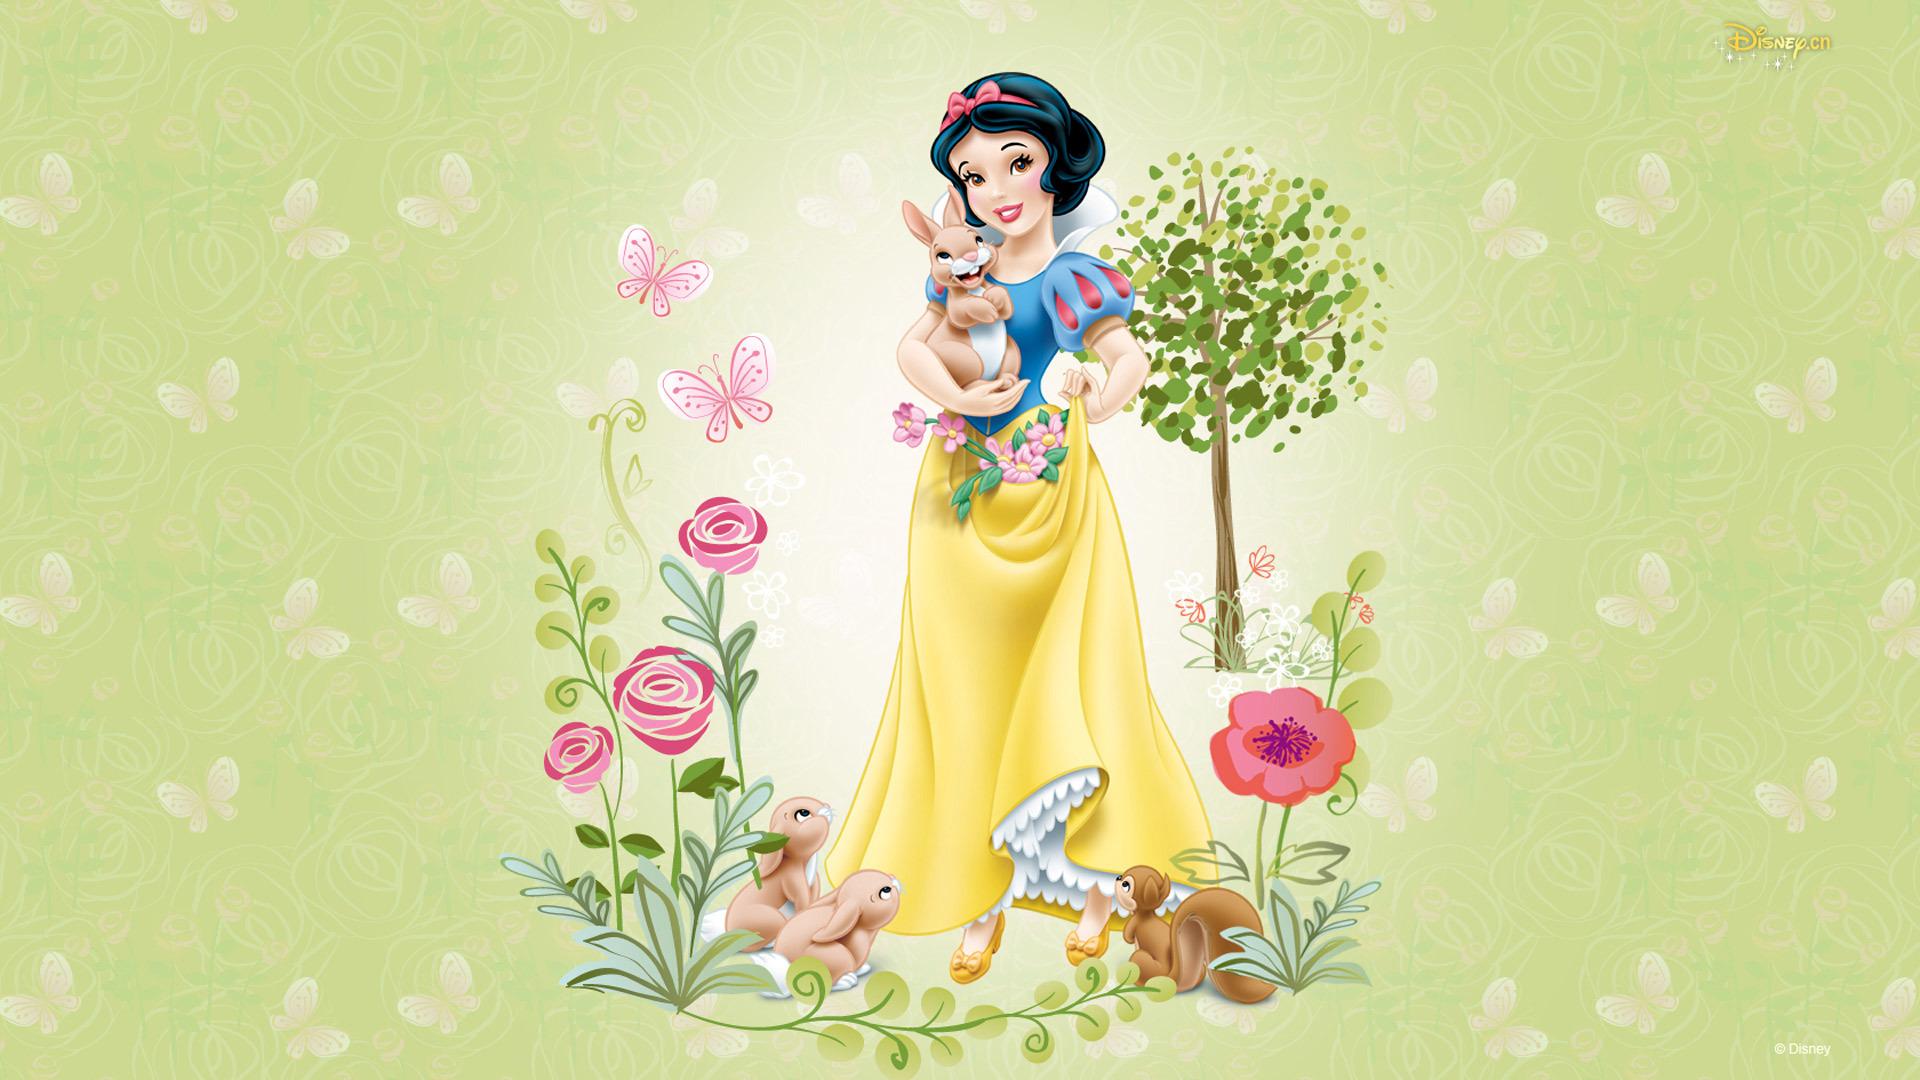 Дисней принцесса Белоснежка. обои скачать